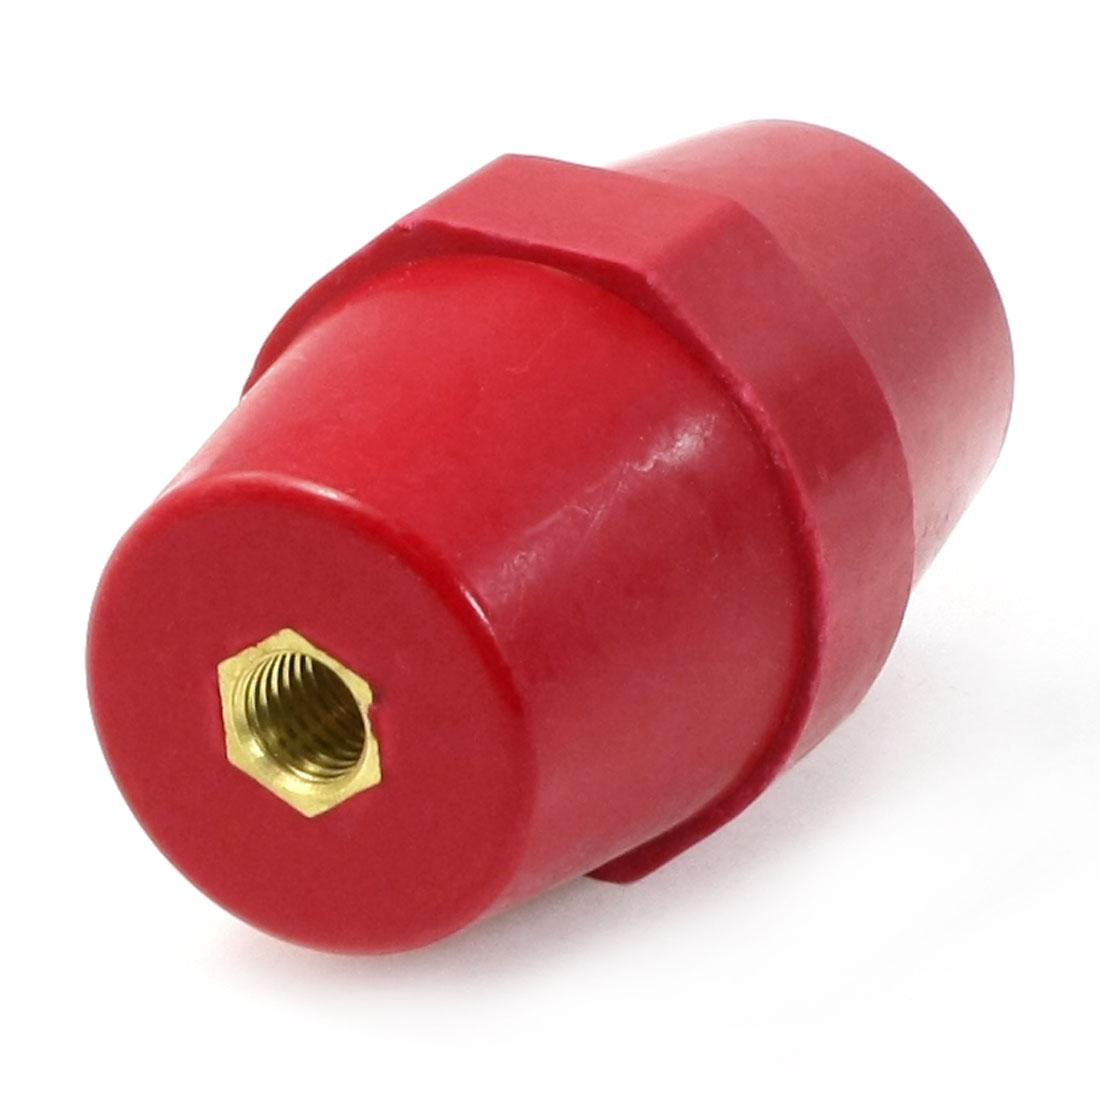 10mm Diameter 20mm Depth Brass Thread 76mm Height Busbar Insulator Support